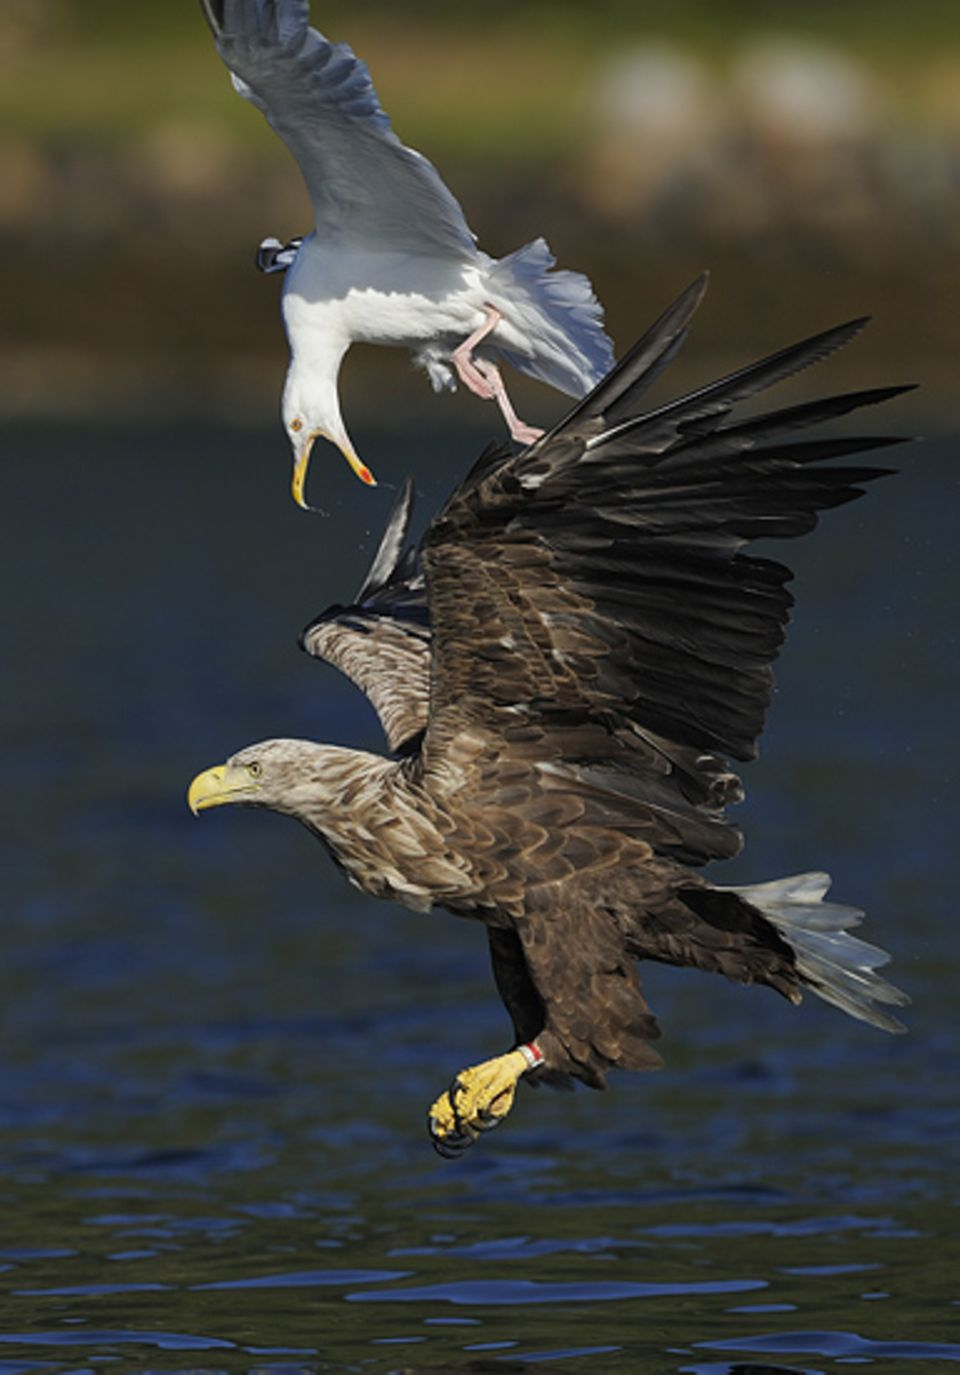 Seeadler und Möwe sind Fressfeinde. Wenn eine Möwe einen Fisch gefangen und verschluckt hat, nimmt ein Seeadler die Verfolgungsjagd auf, bis die Möwe den Fisch wieder hervorwürgt und der Seeadler ihn sich schnappen kann. Auf diesem Bild scheint es ausnahmsweise mal umgekehrt zu sein